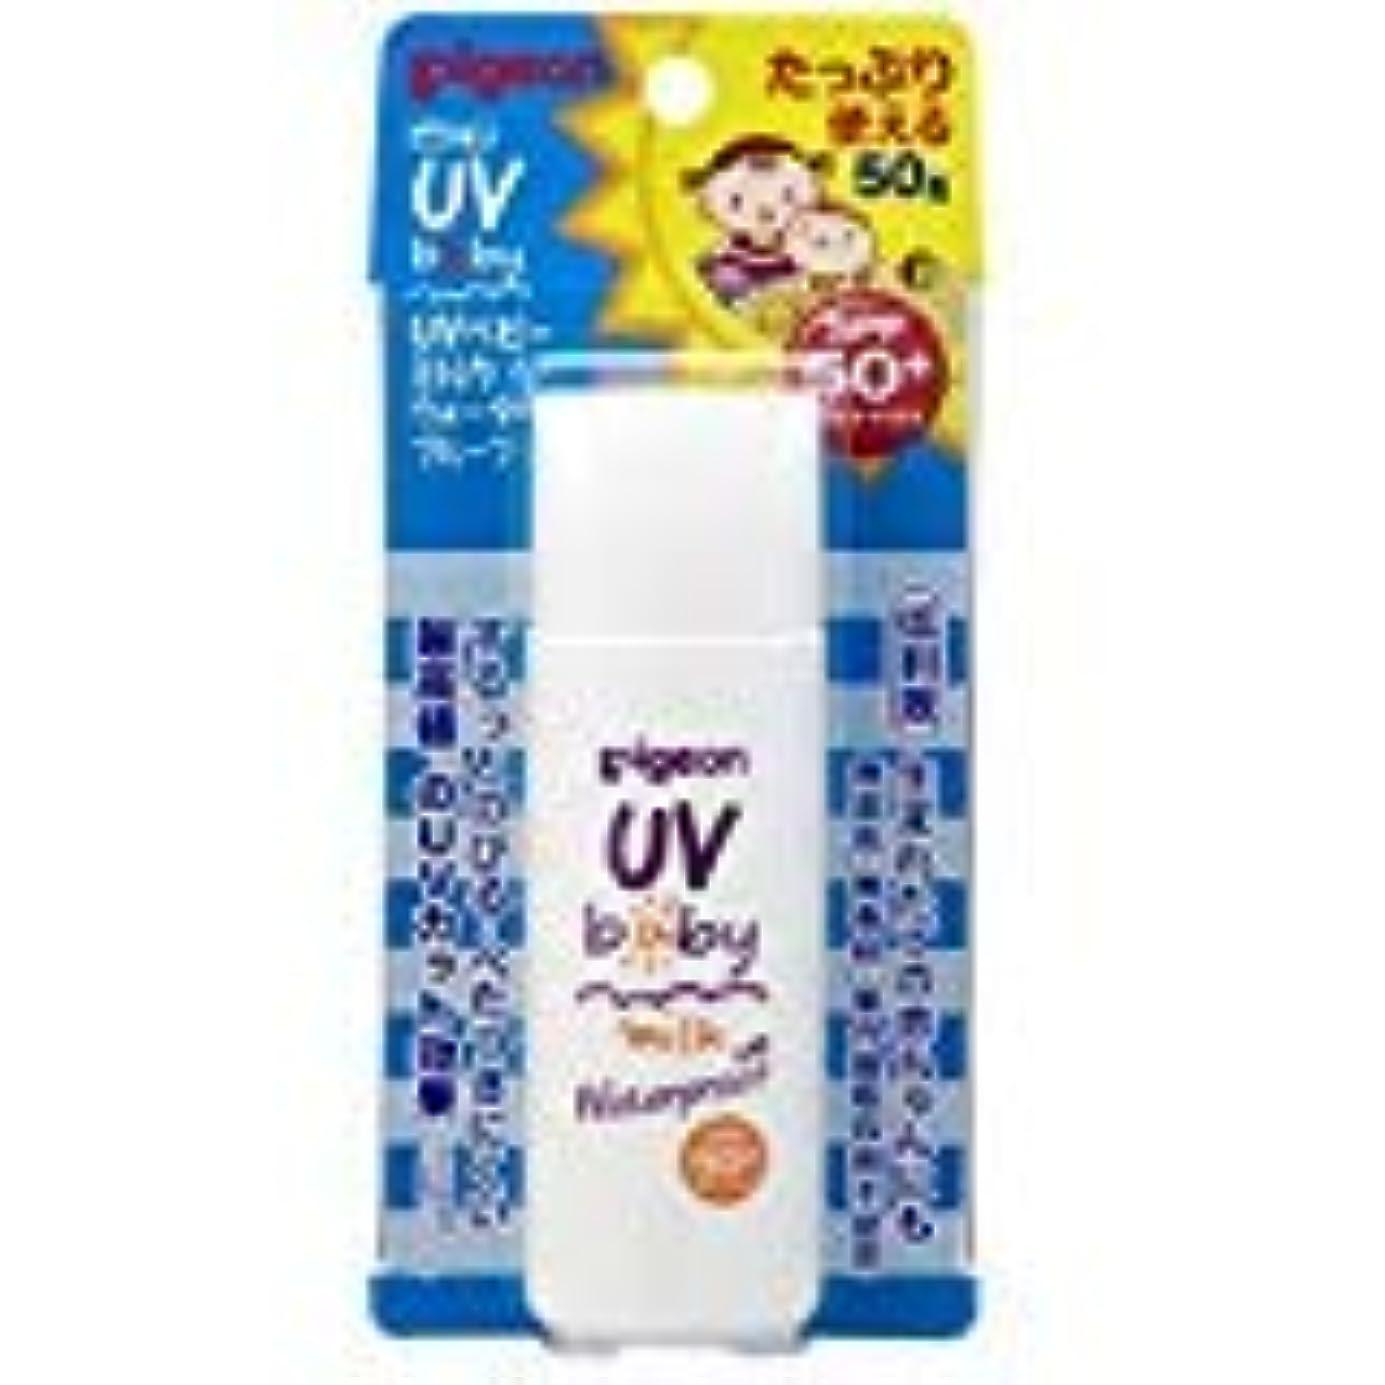 リーチ散る乱気流ピジョン UVベビーミルク ウォータープルーフ SPF50+ 50g